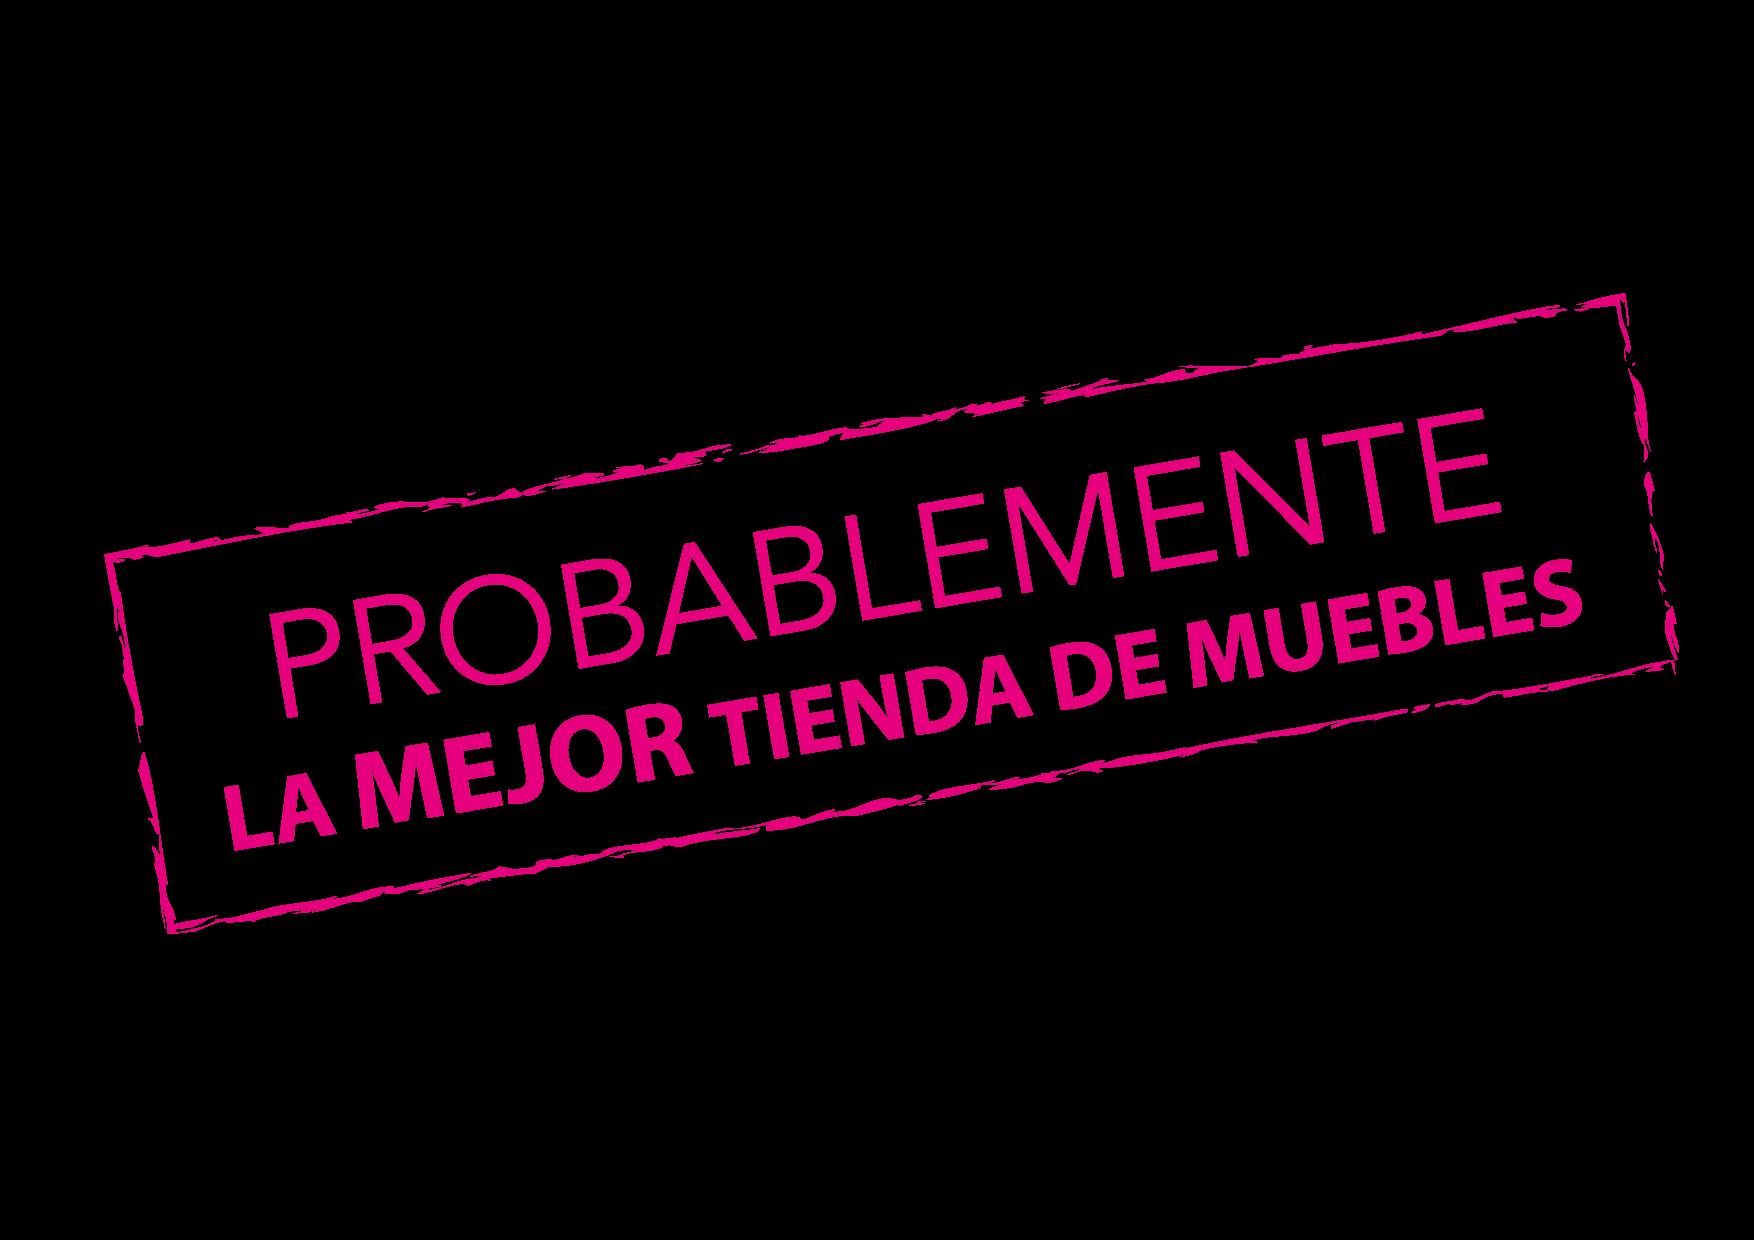 Qui Nes Somos Muebles Peralta # Muebles Peralta